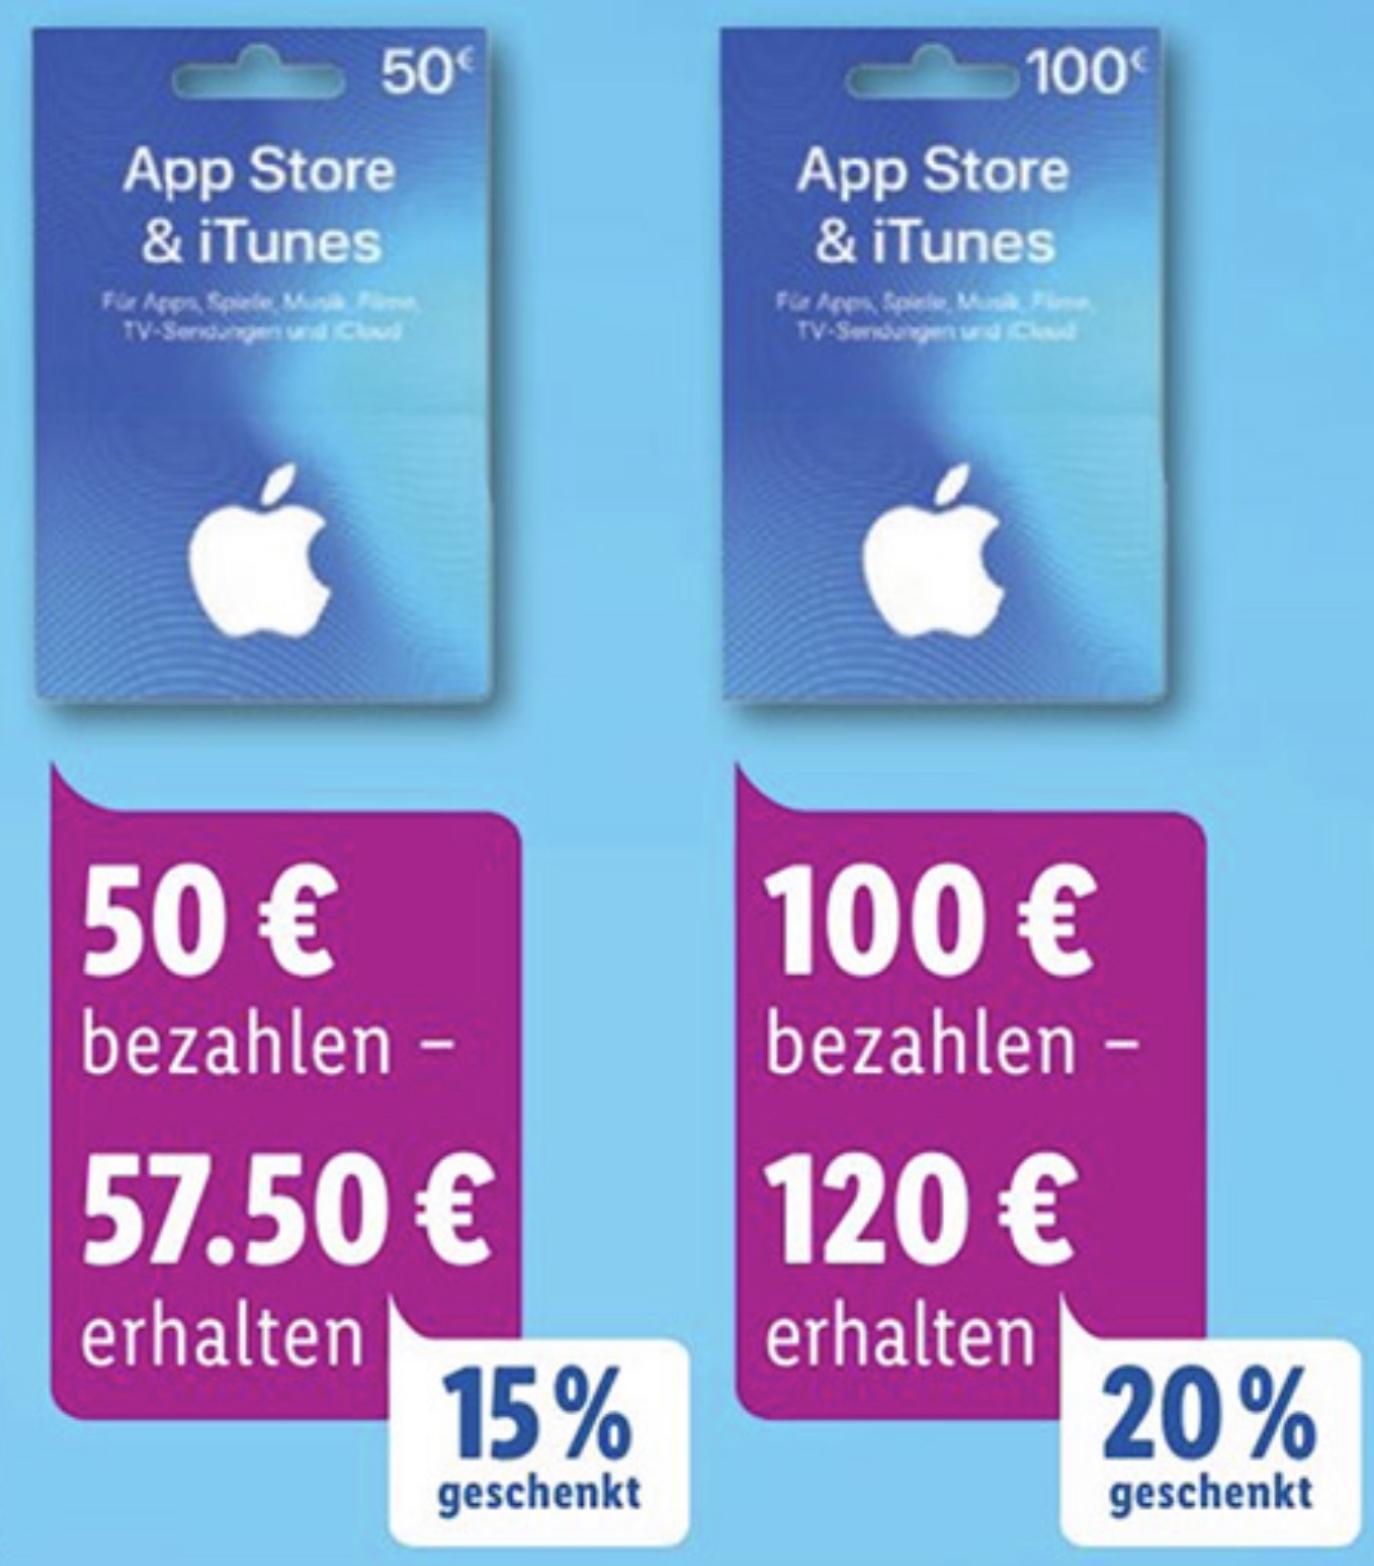 Lidl: Bis zu 20% zusätzliches Guthaben für iTunes & App Store Geschenkkarten - 25€, 50€ u. 100€ - ab 23.09.